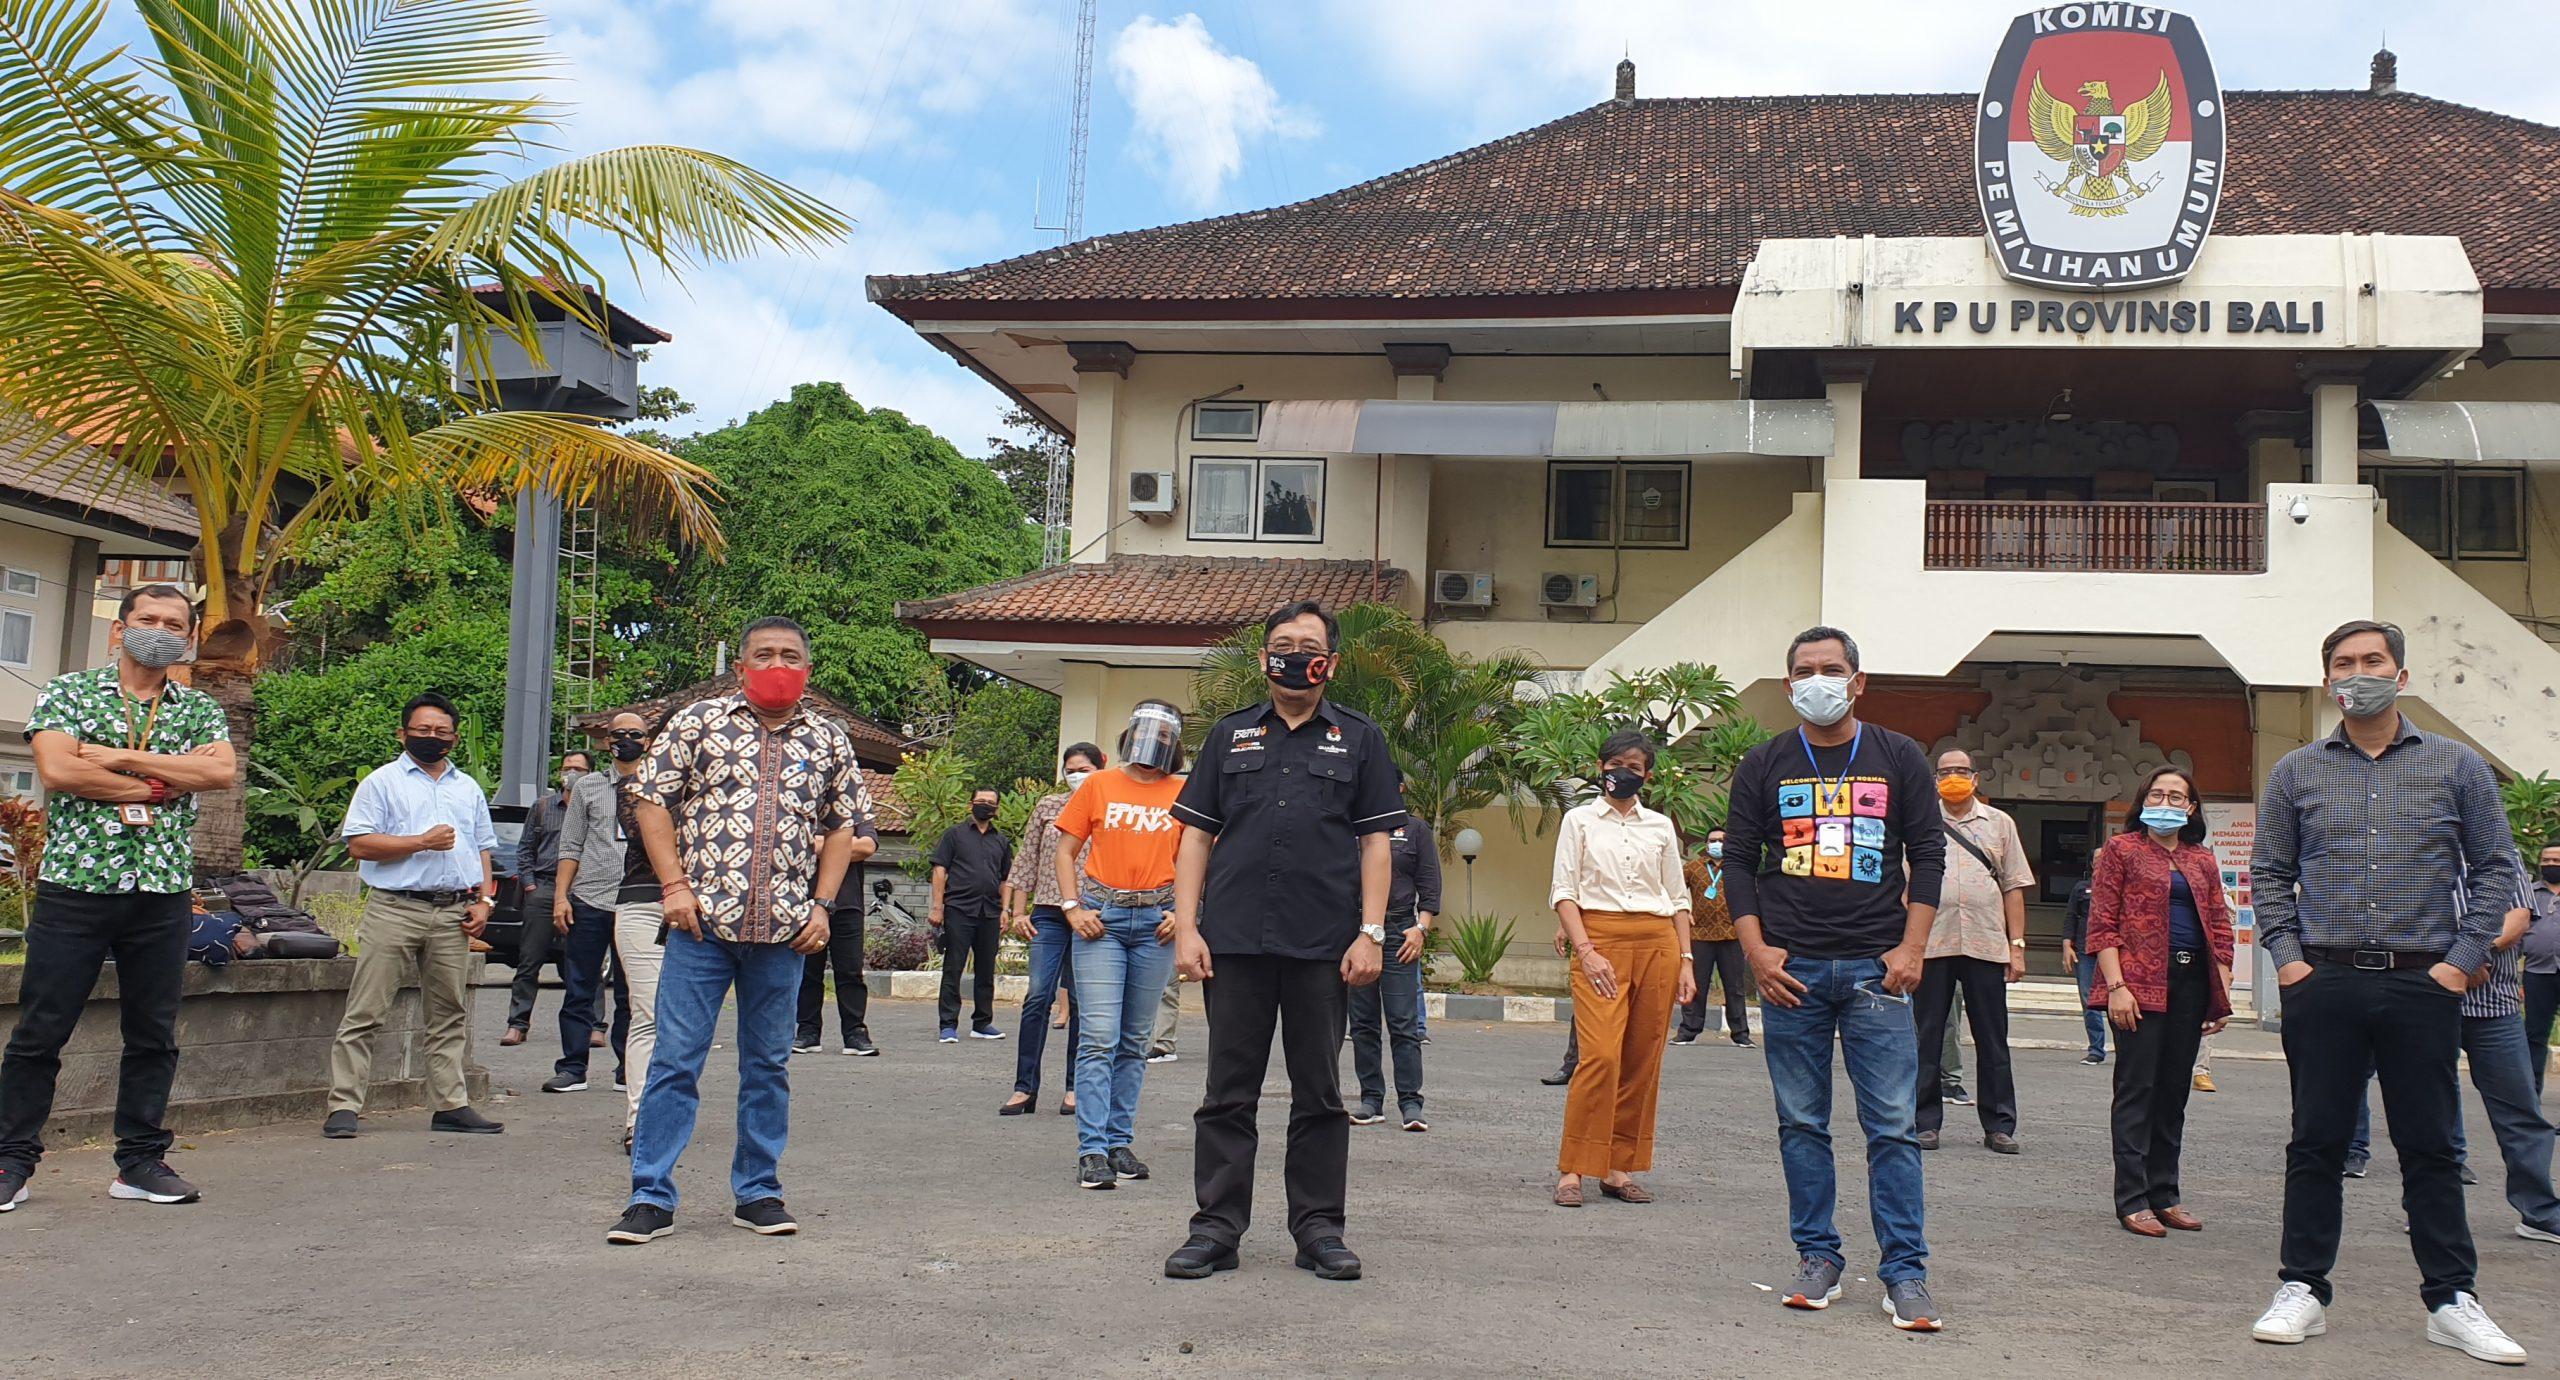 ANGGOTA KPU RI, I Dewa Wiarsa Raka Sandi (tengah), bersama komisioner KPU Bali dan KPU kabupaten/kota yang akan melaksanakan Pilkada 2020 usai rapat koordinasi di KPU Bali, Minggu (19/7/2020). Foto: gus hendra